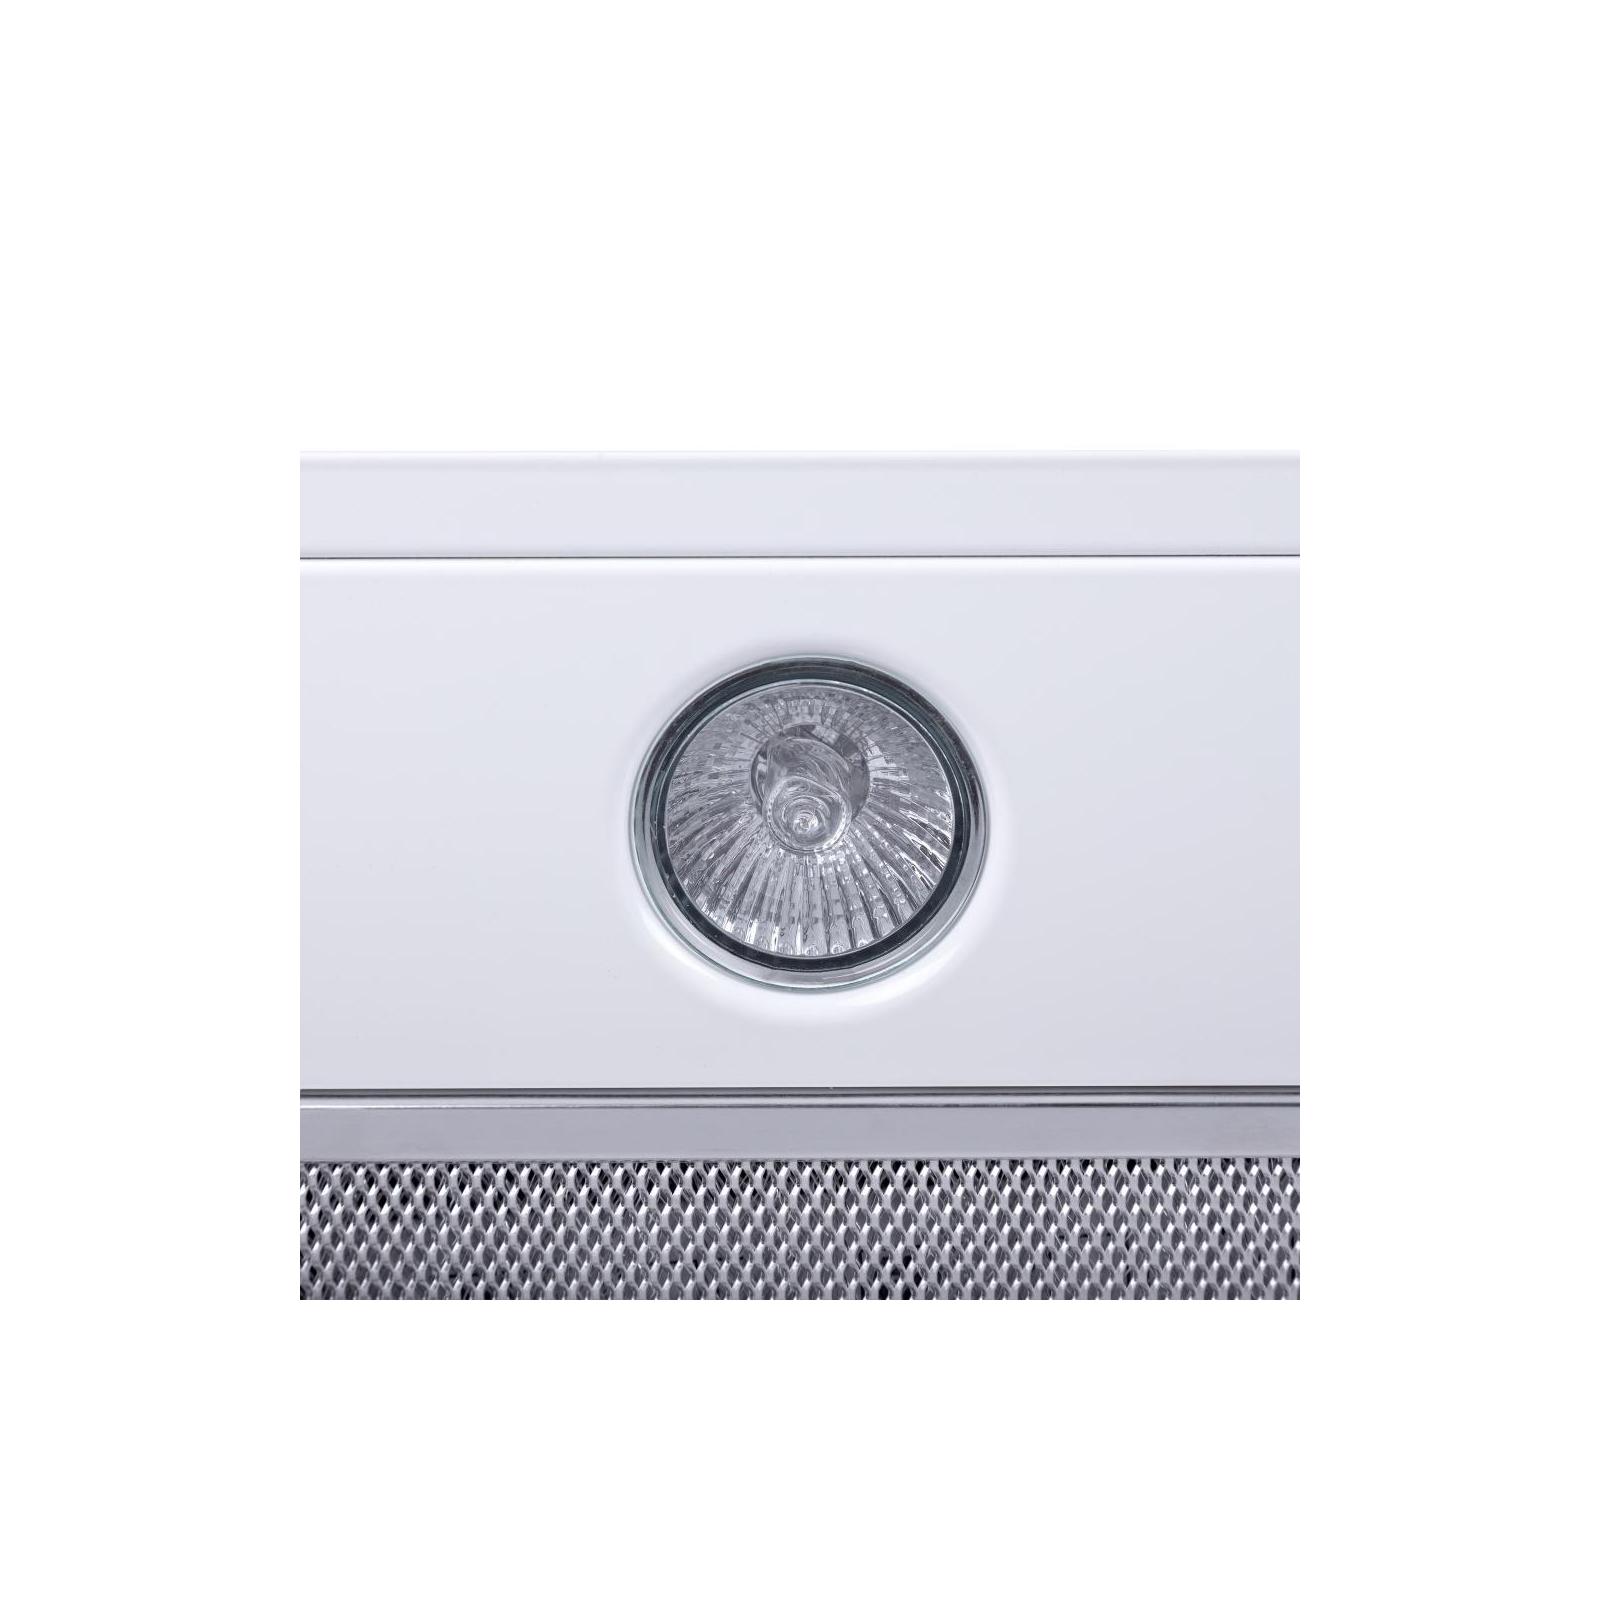 Вытяжка кухонная PERFELLI BI 6011 A 550 W изображение 4